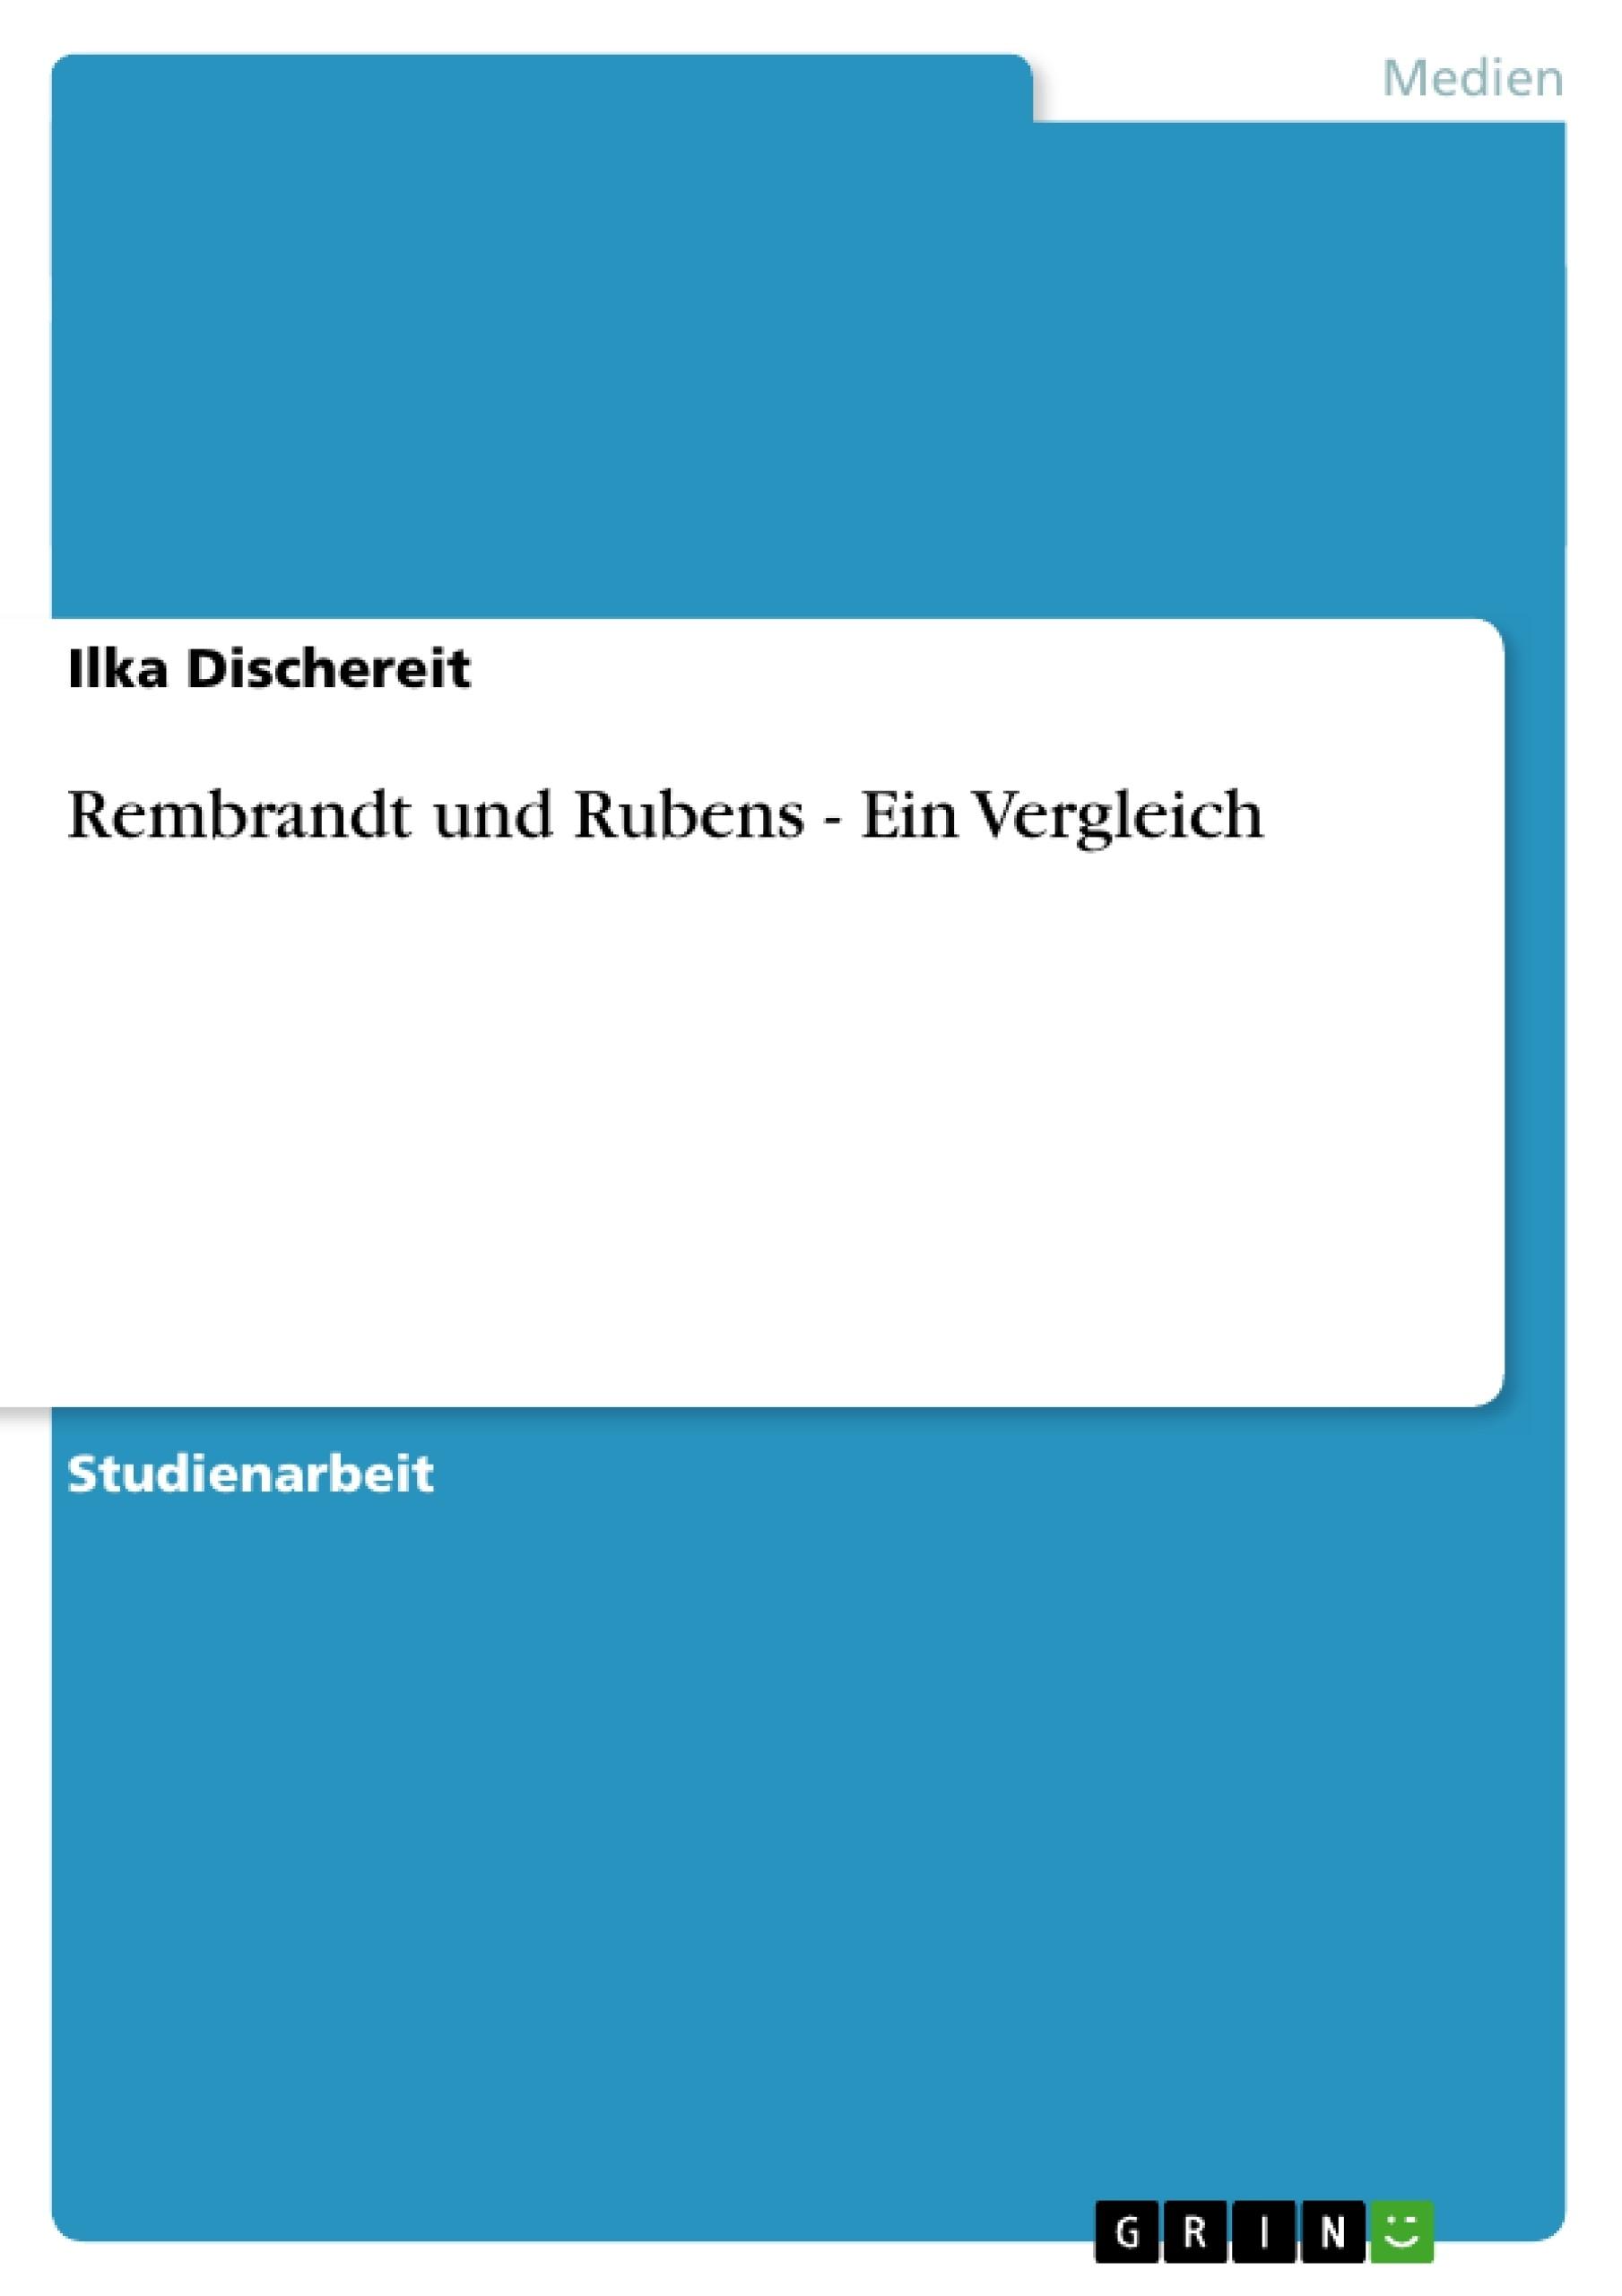 Titel: Rembrandt und Rubens - Ein Vergleich